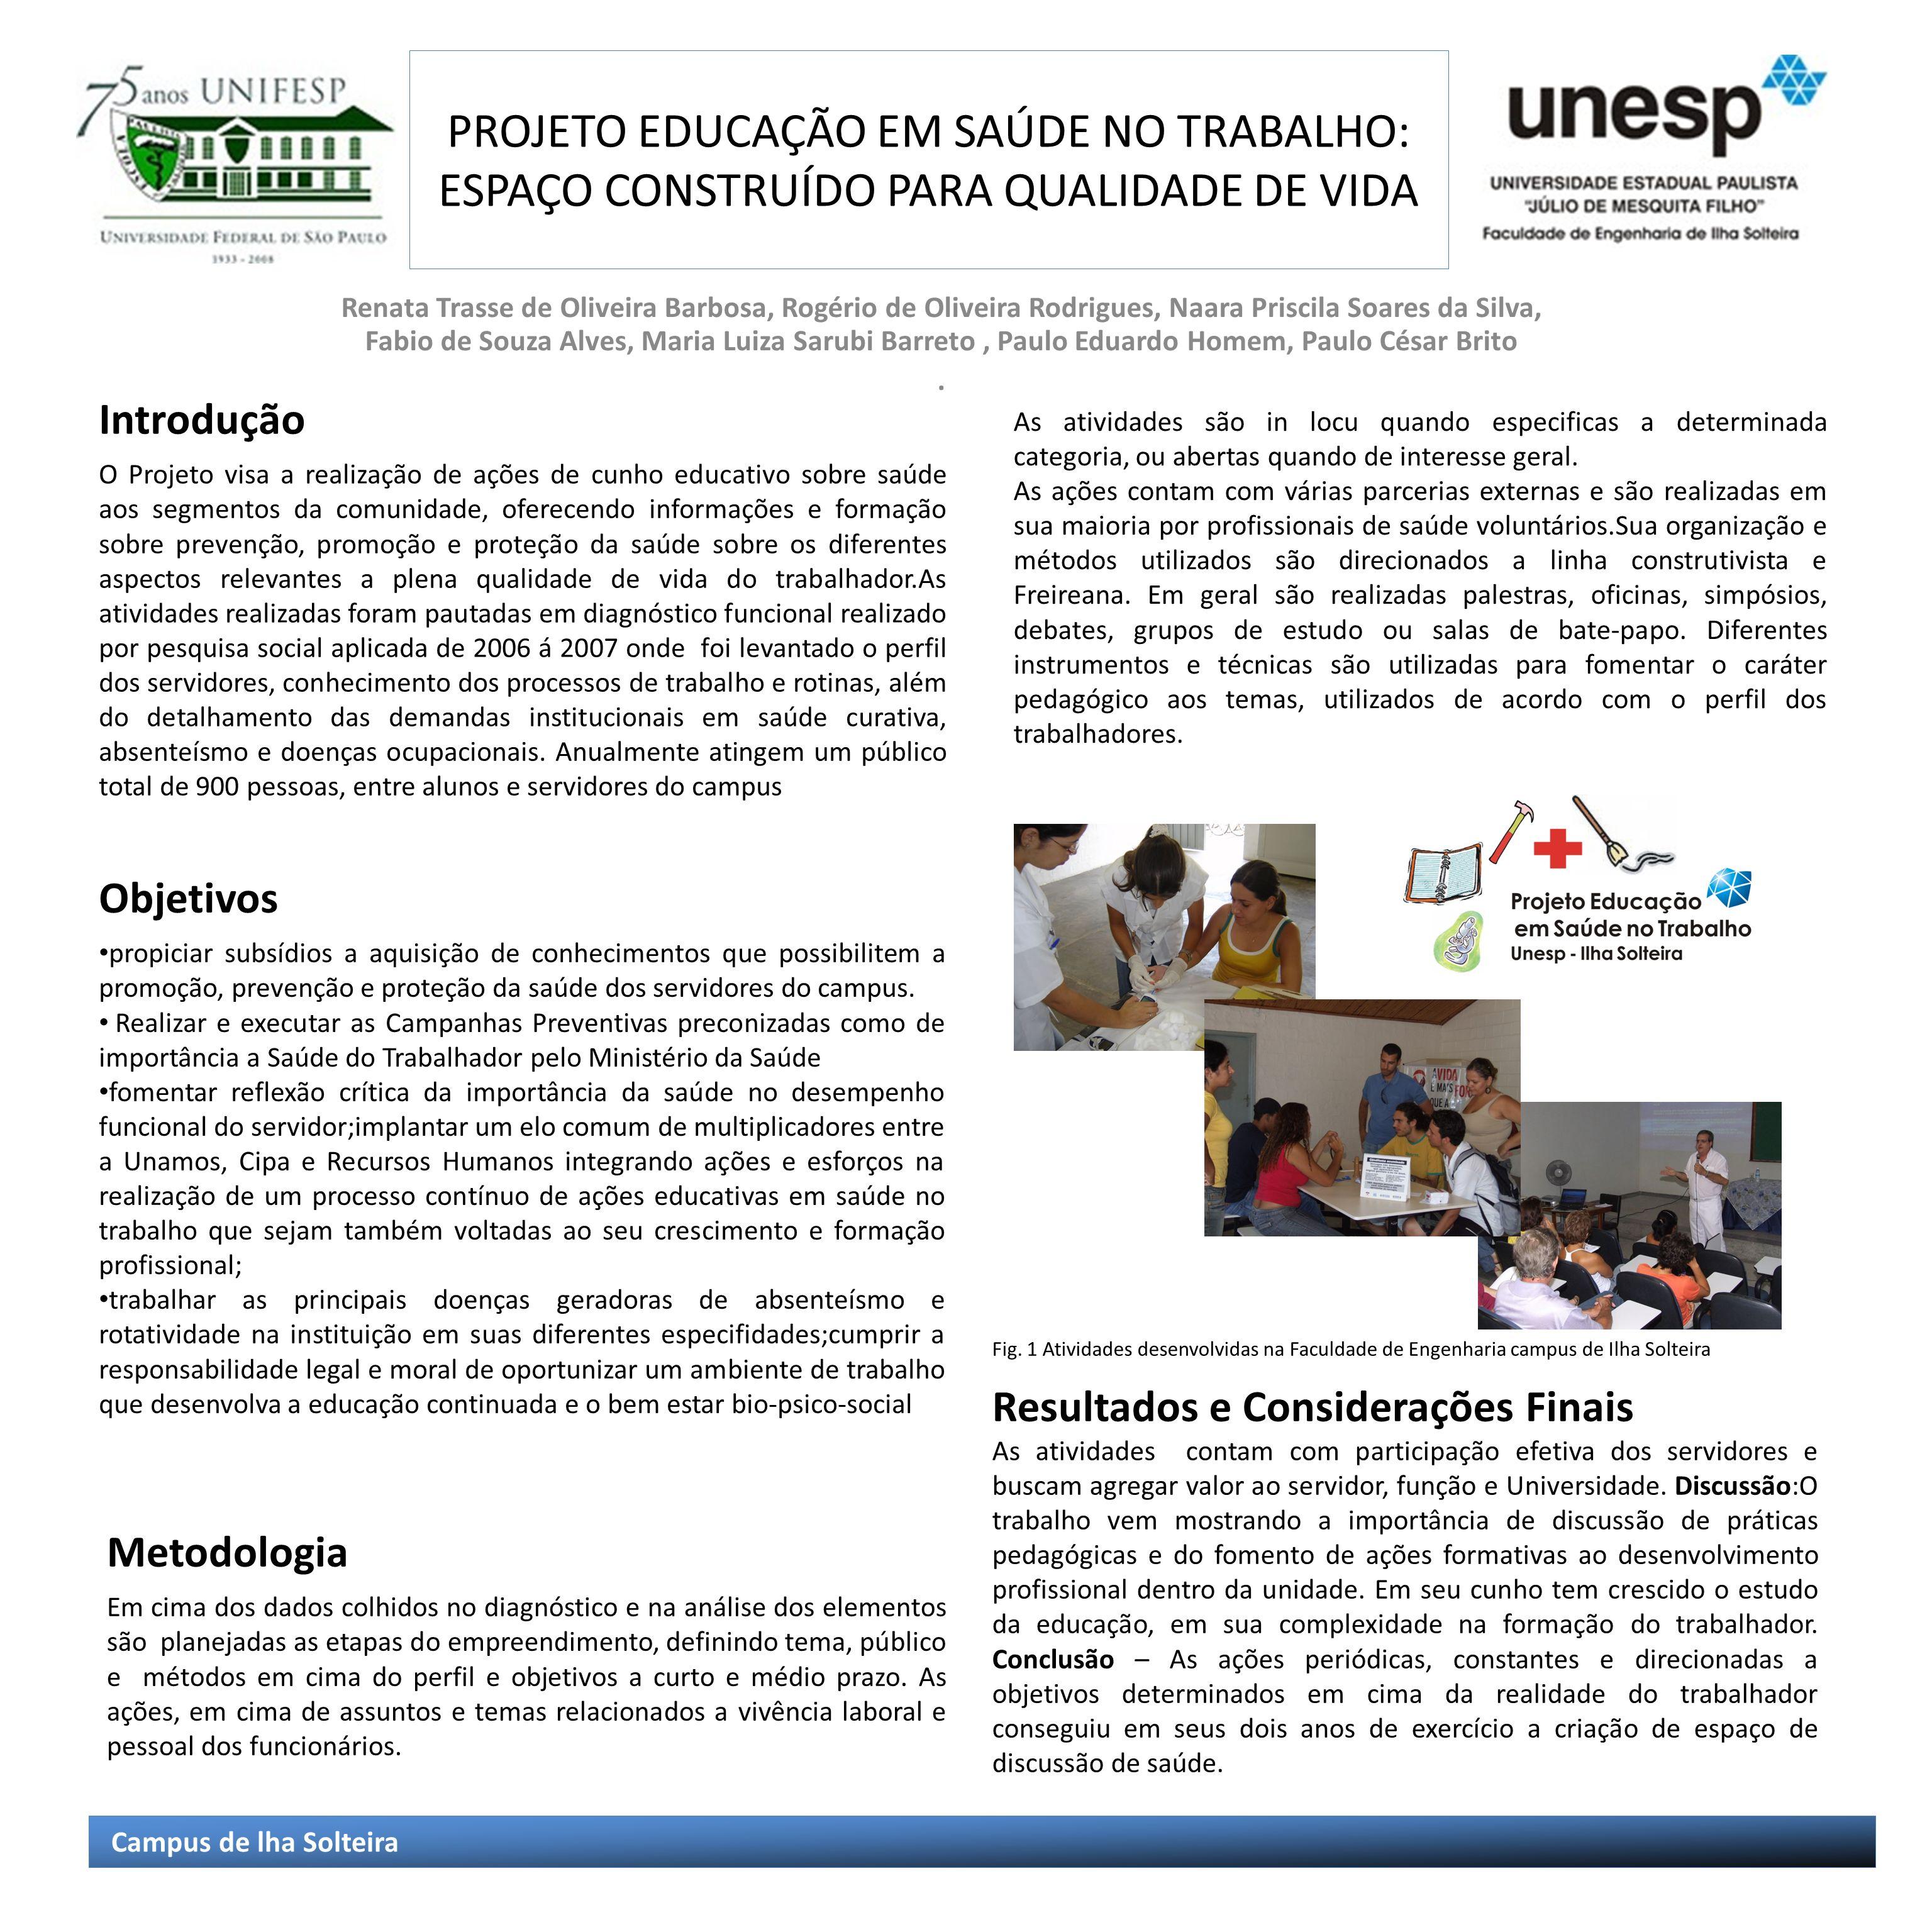 PROJETO EDUCAÇÃO EM SAÚDE NO TRABALHO: ESPAÇO CONSTRUÍDO PARA QUALIDADE DE VIDA Renata Trasse de Oliveira Barbosa, Rogério de Oliveira Rodrigues, Naar